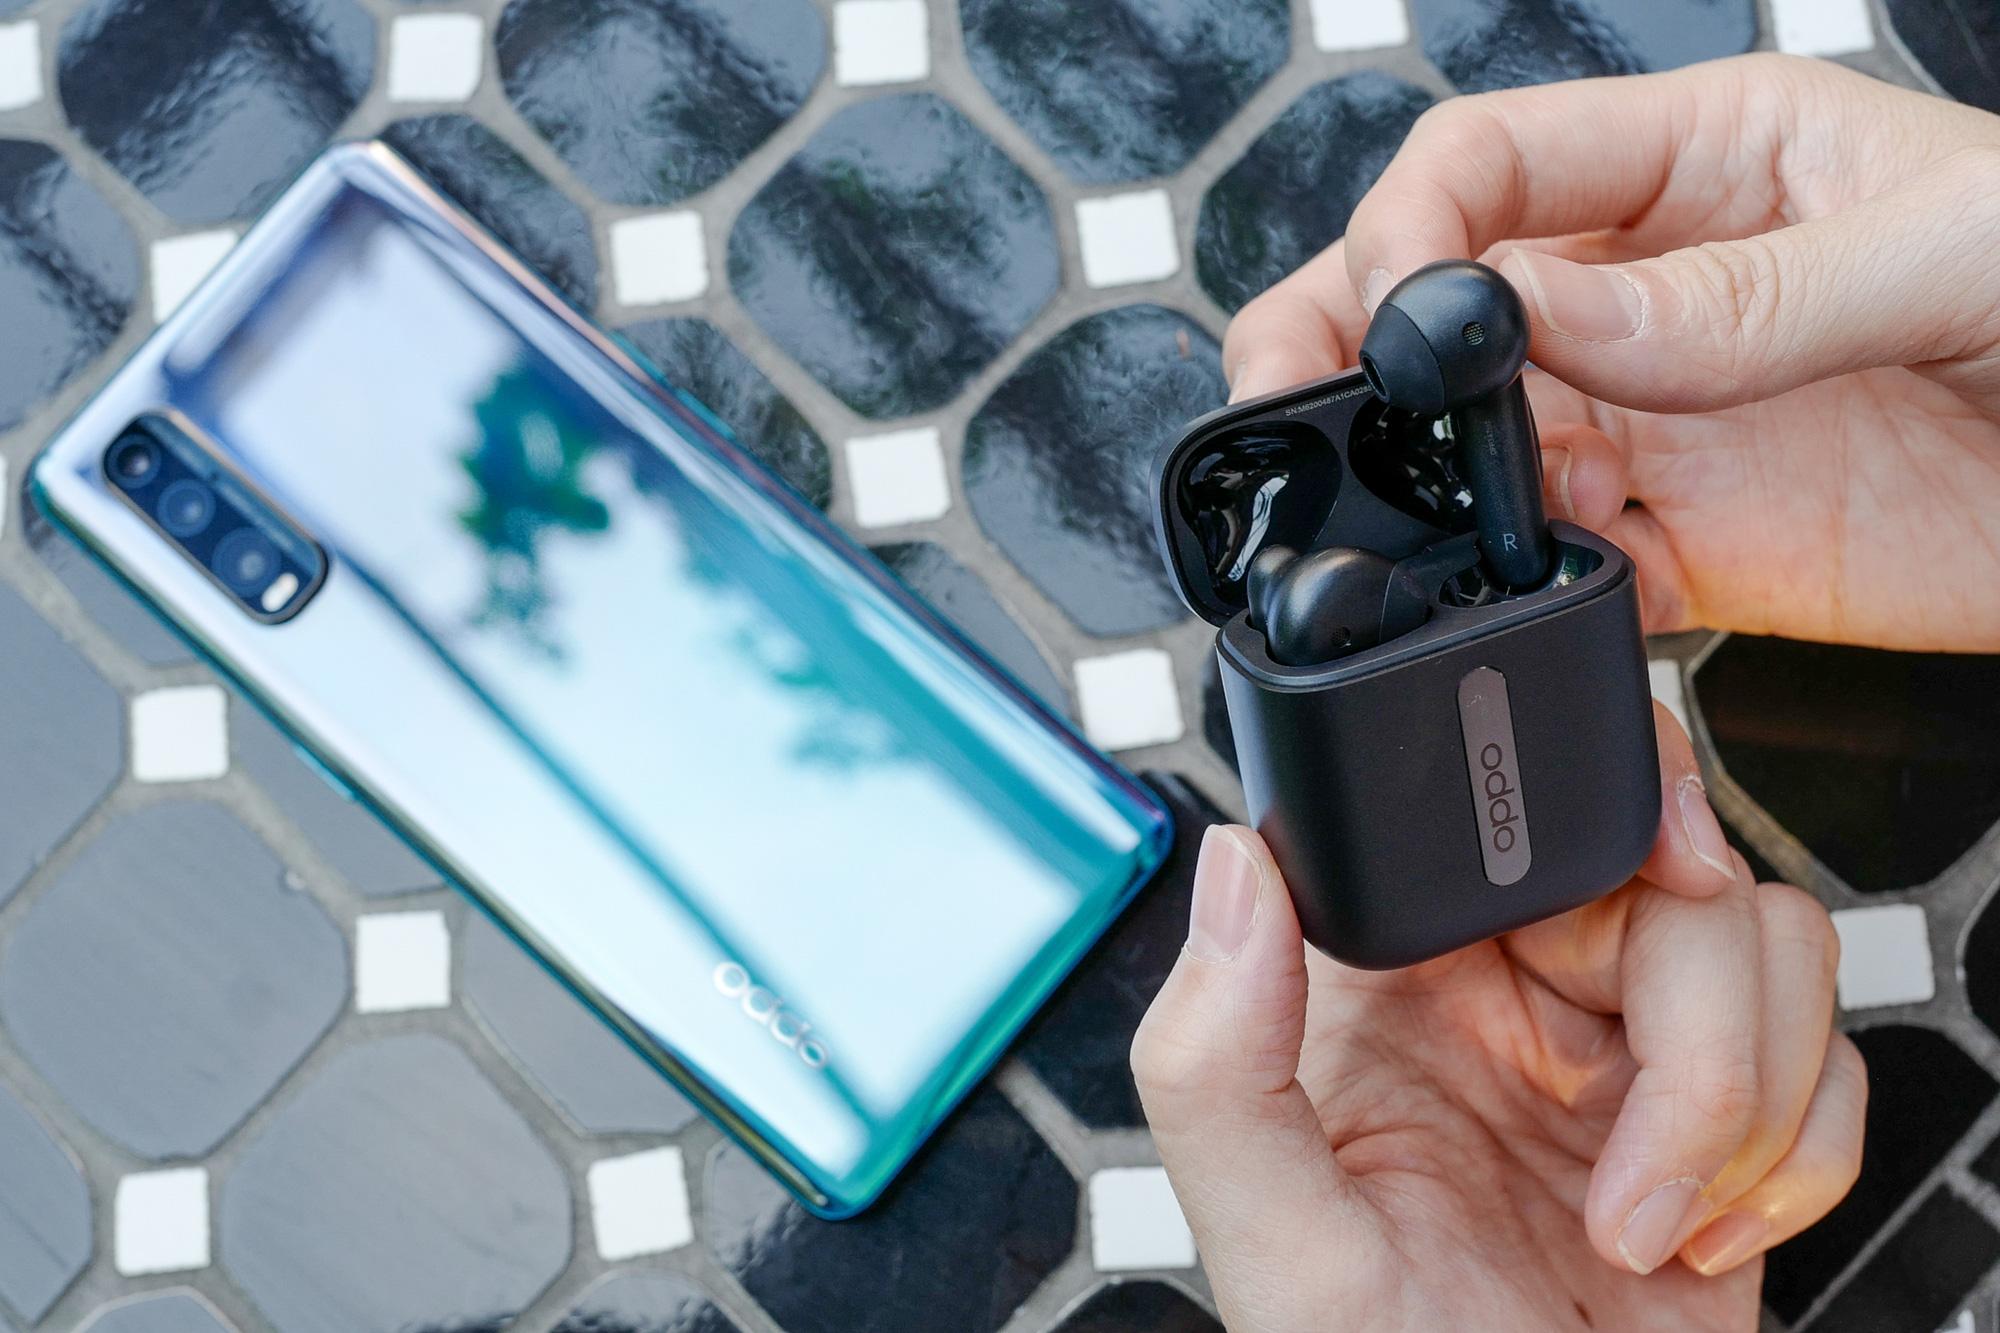 Điện thoại mới ra mắt tháng 4: Giá tầm trung, đẩy mạnh công nghệ camera - Ảnh 8.